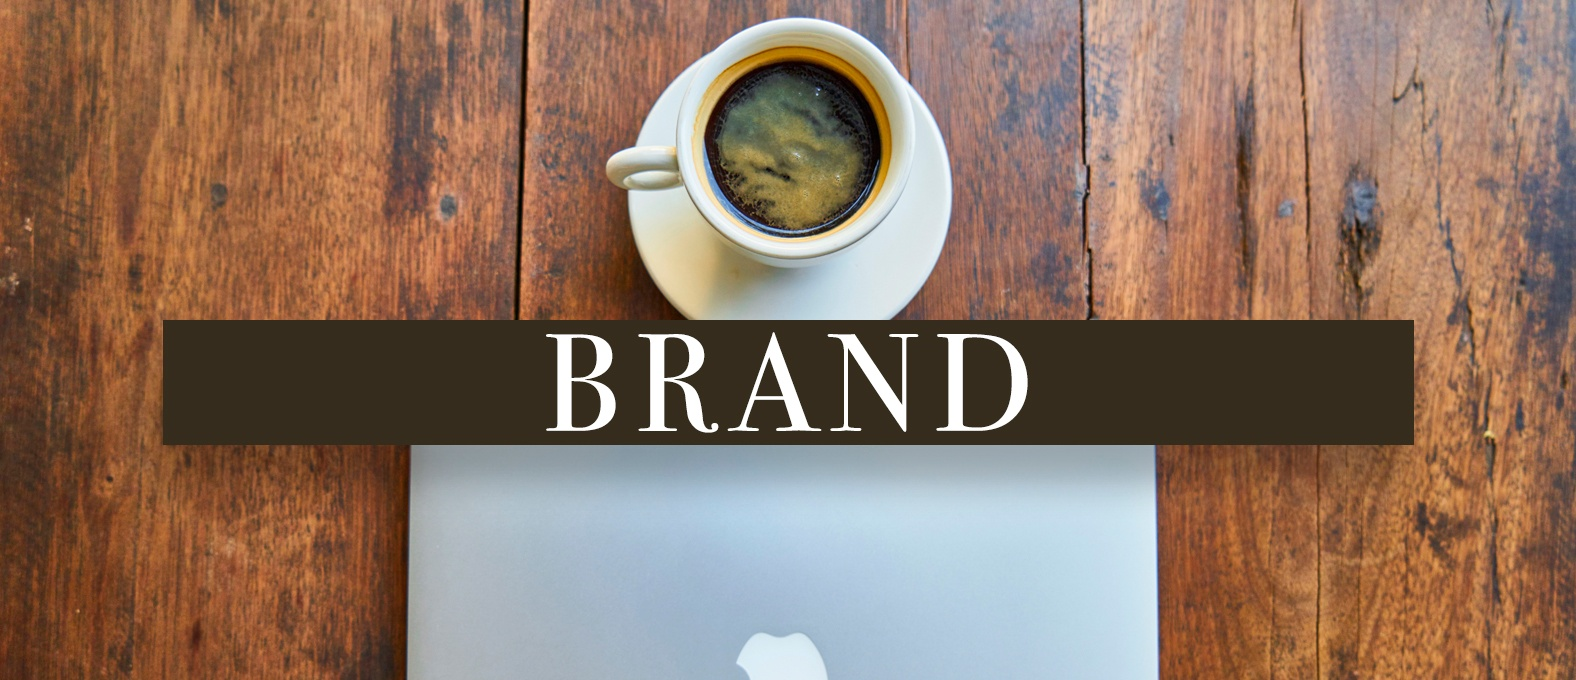 Brand_01.jpg